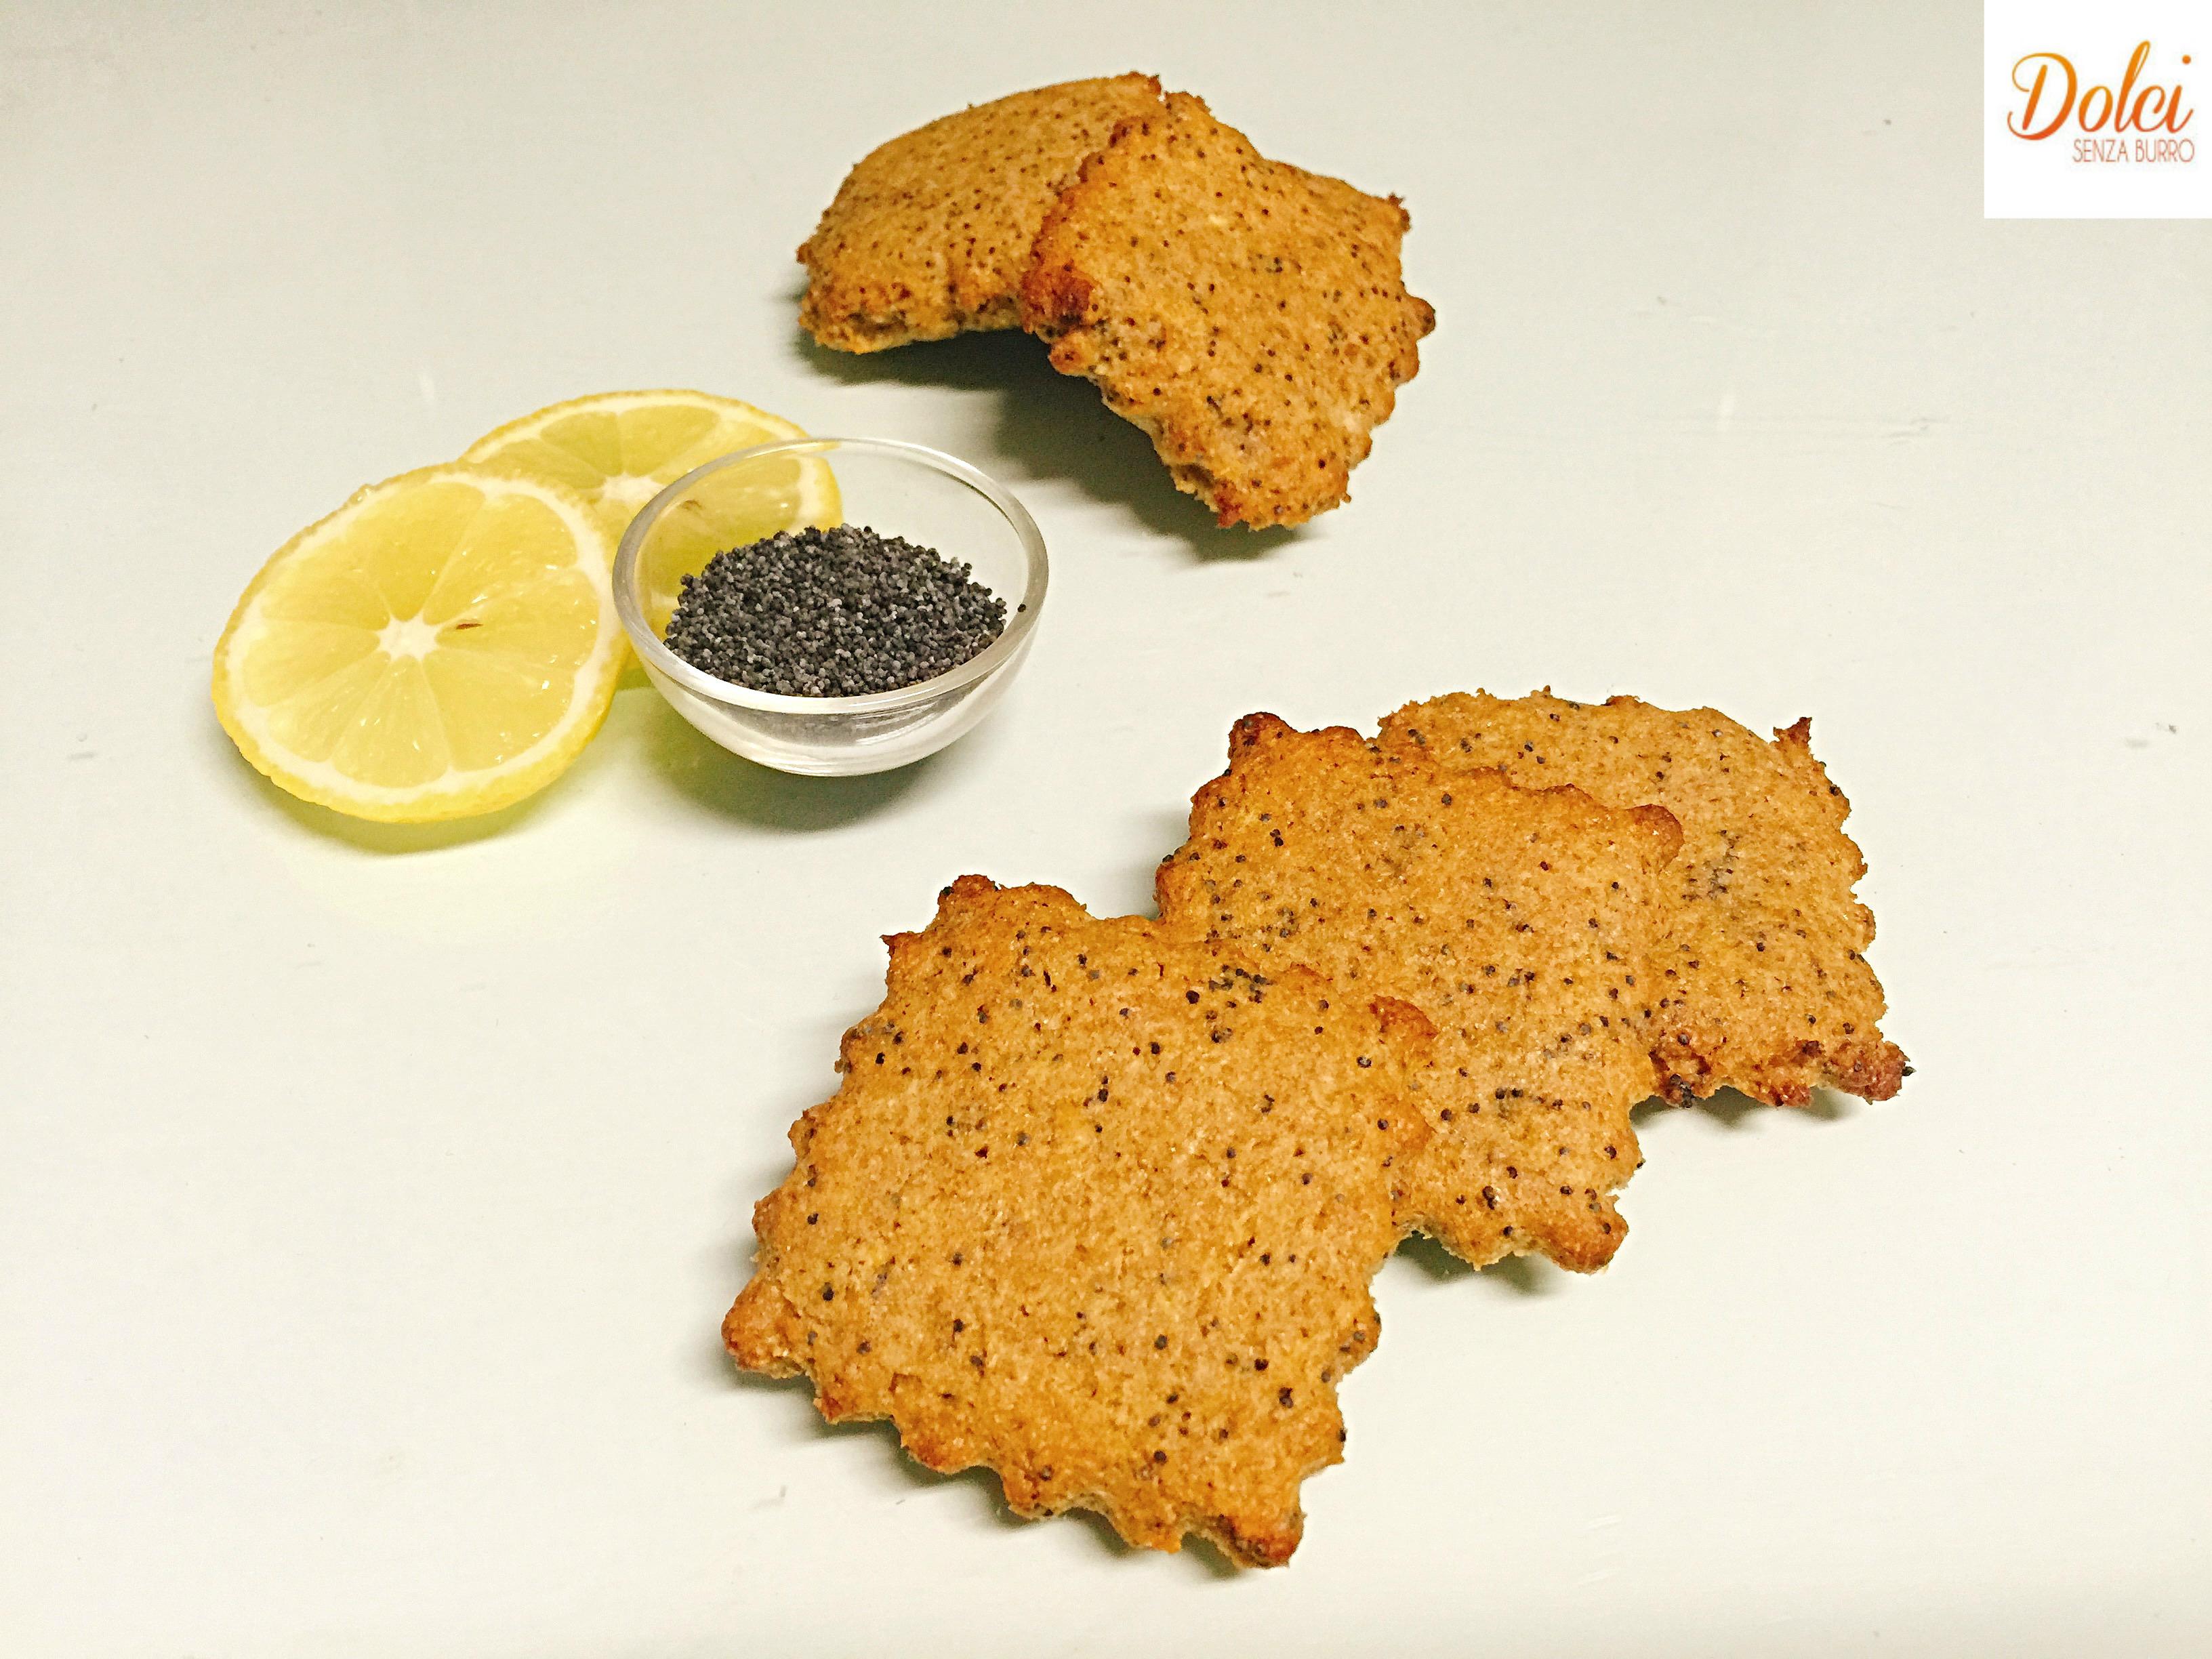 Biscotti al Limone Senza Burro e Uova, leggeri e golosi adatti a intolleranti e vegani di dolci senza burro